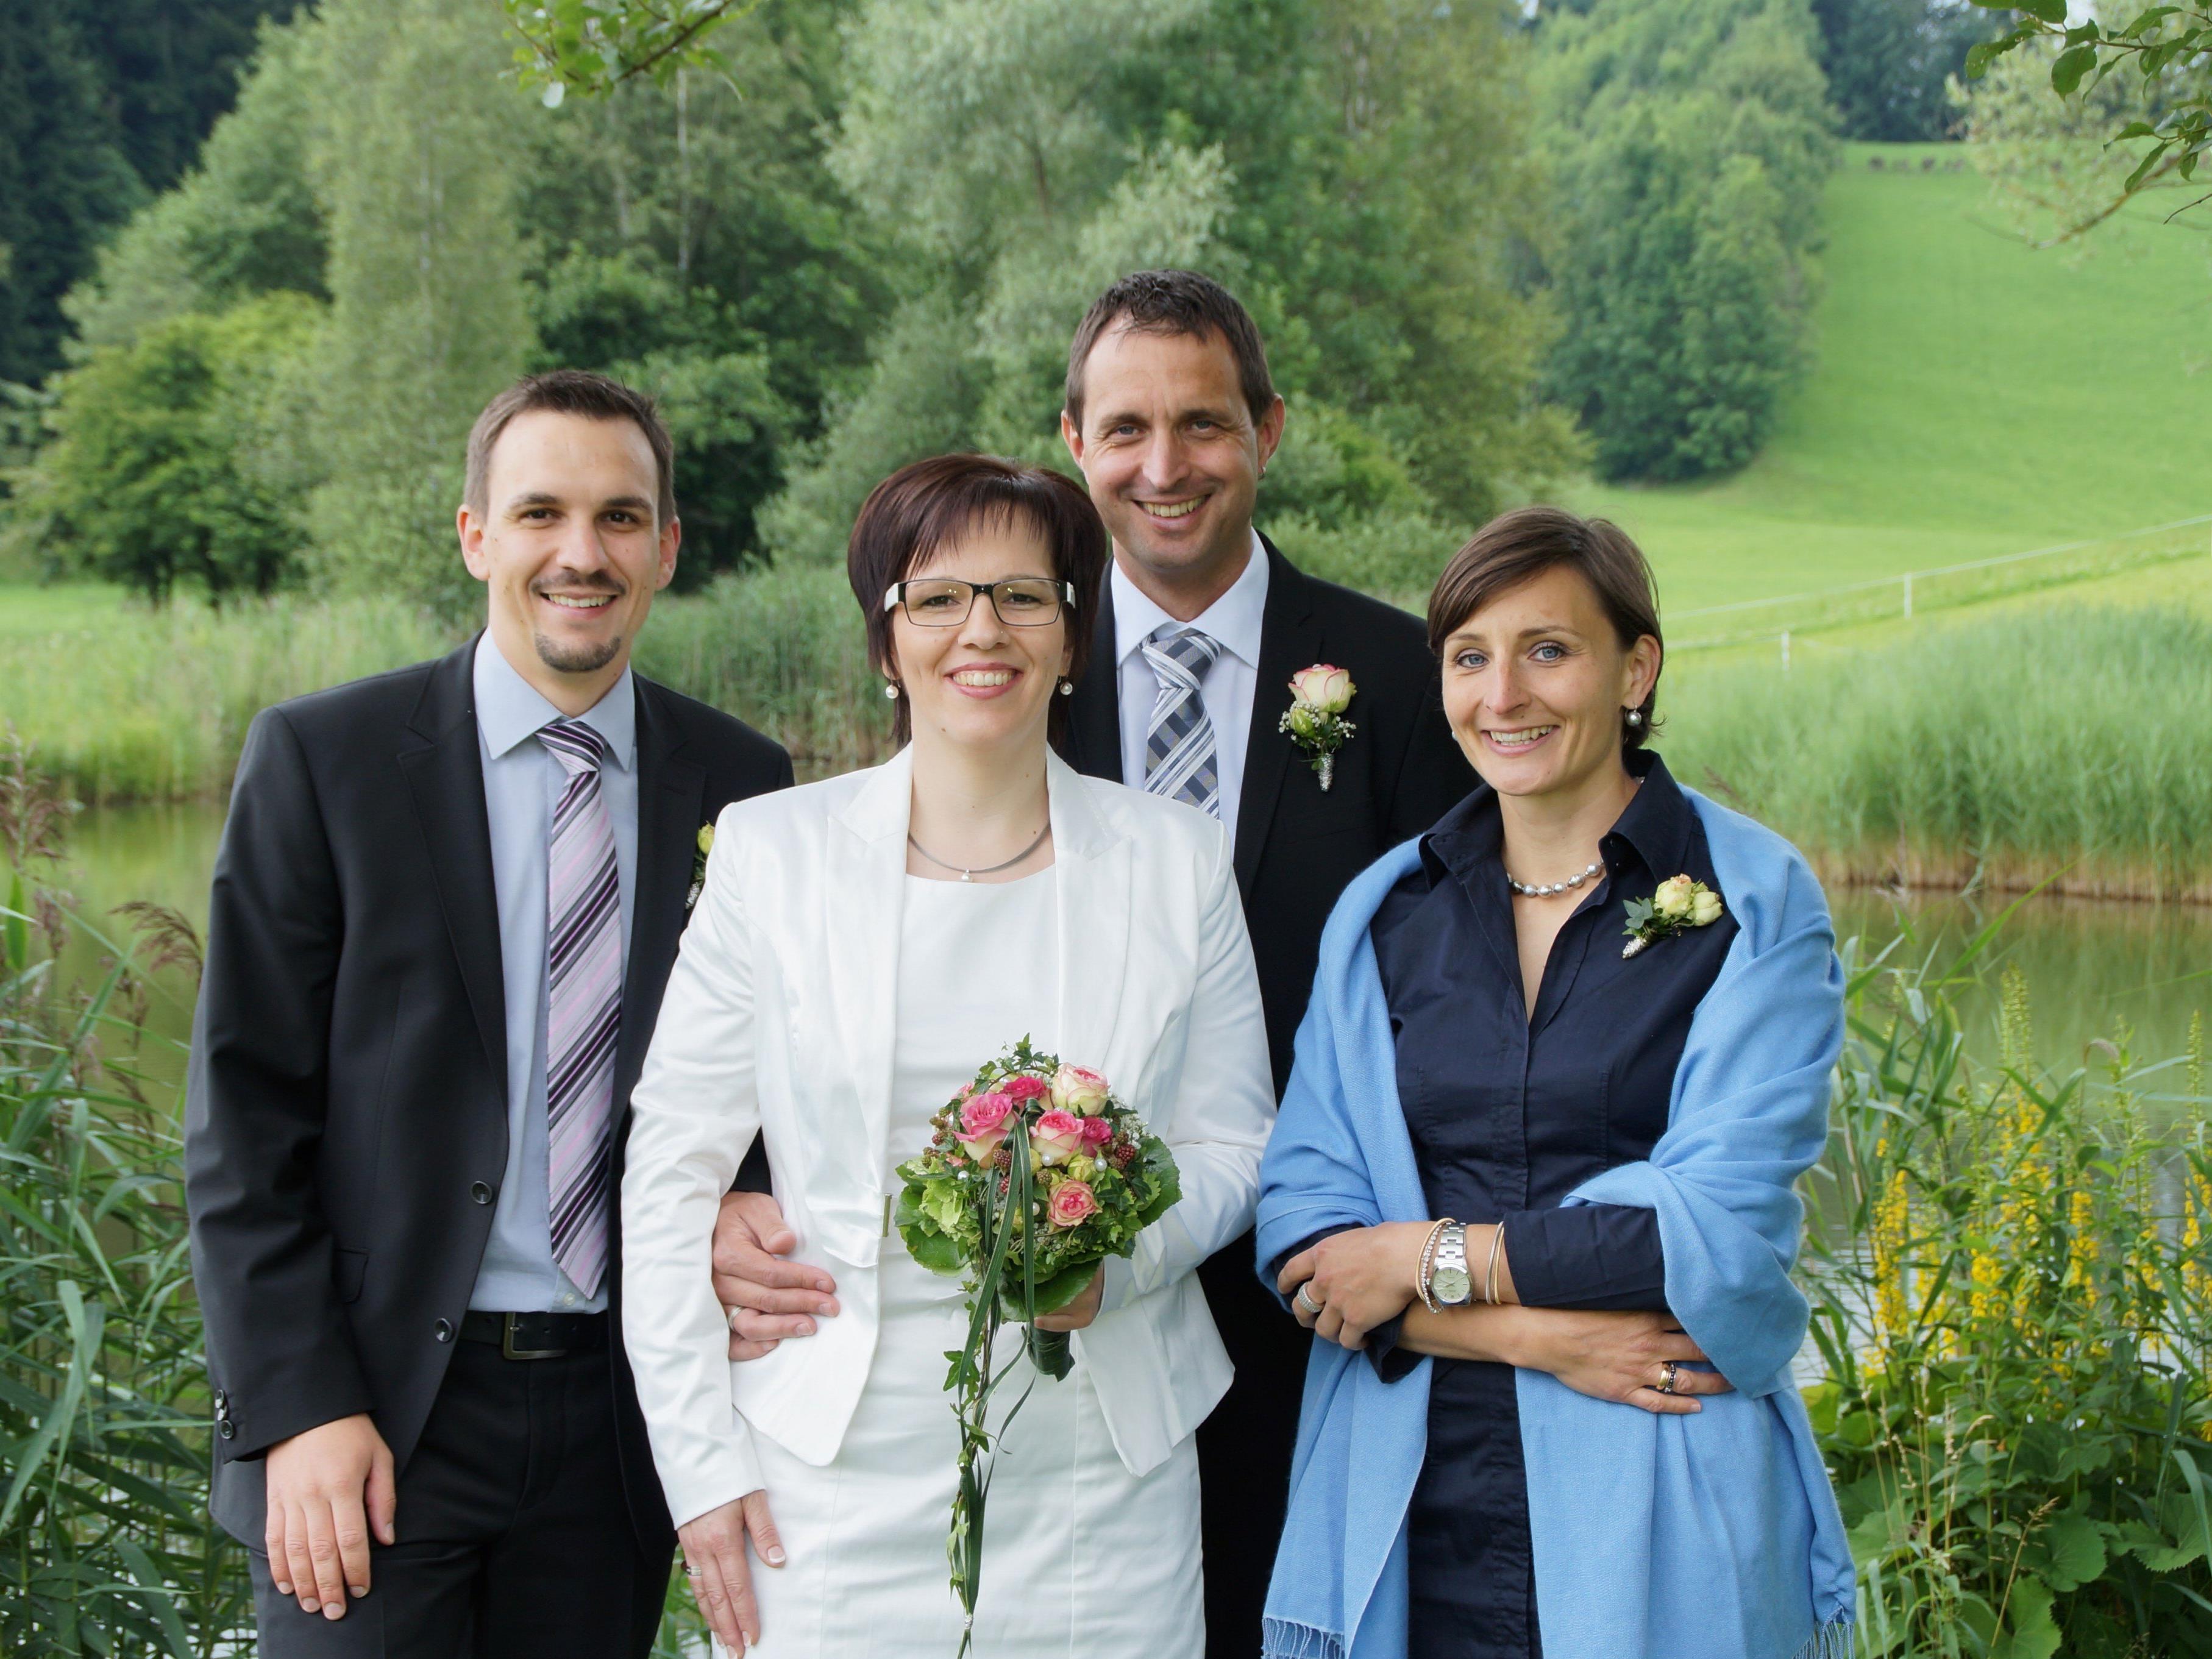 Verena Flatz und  Christian Fink mit ihren Trauzeugen.